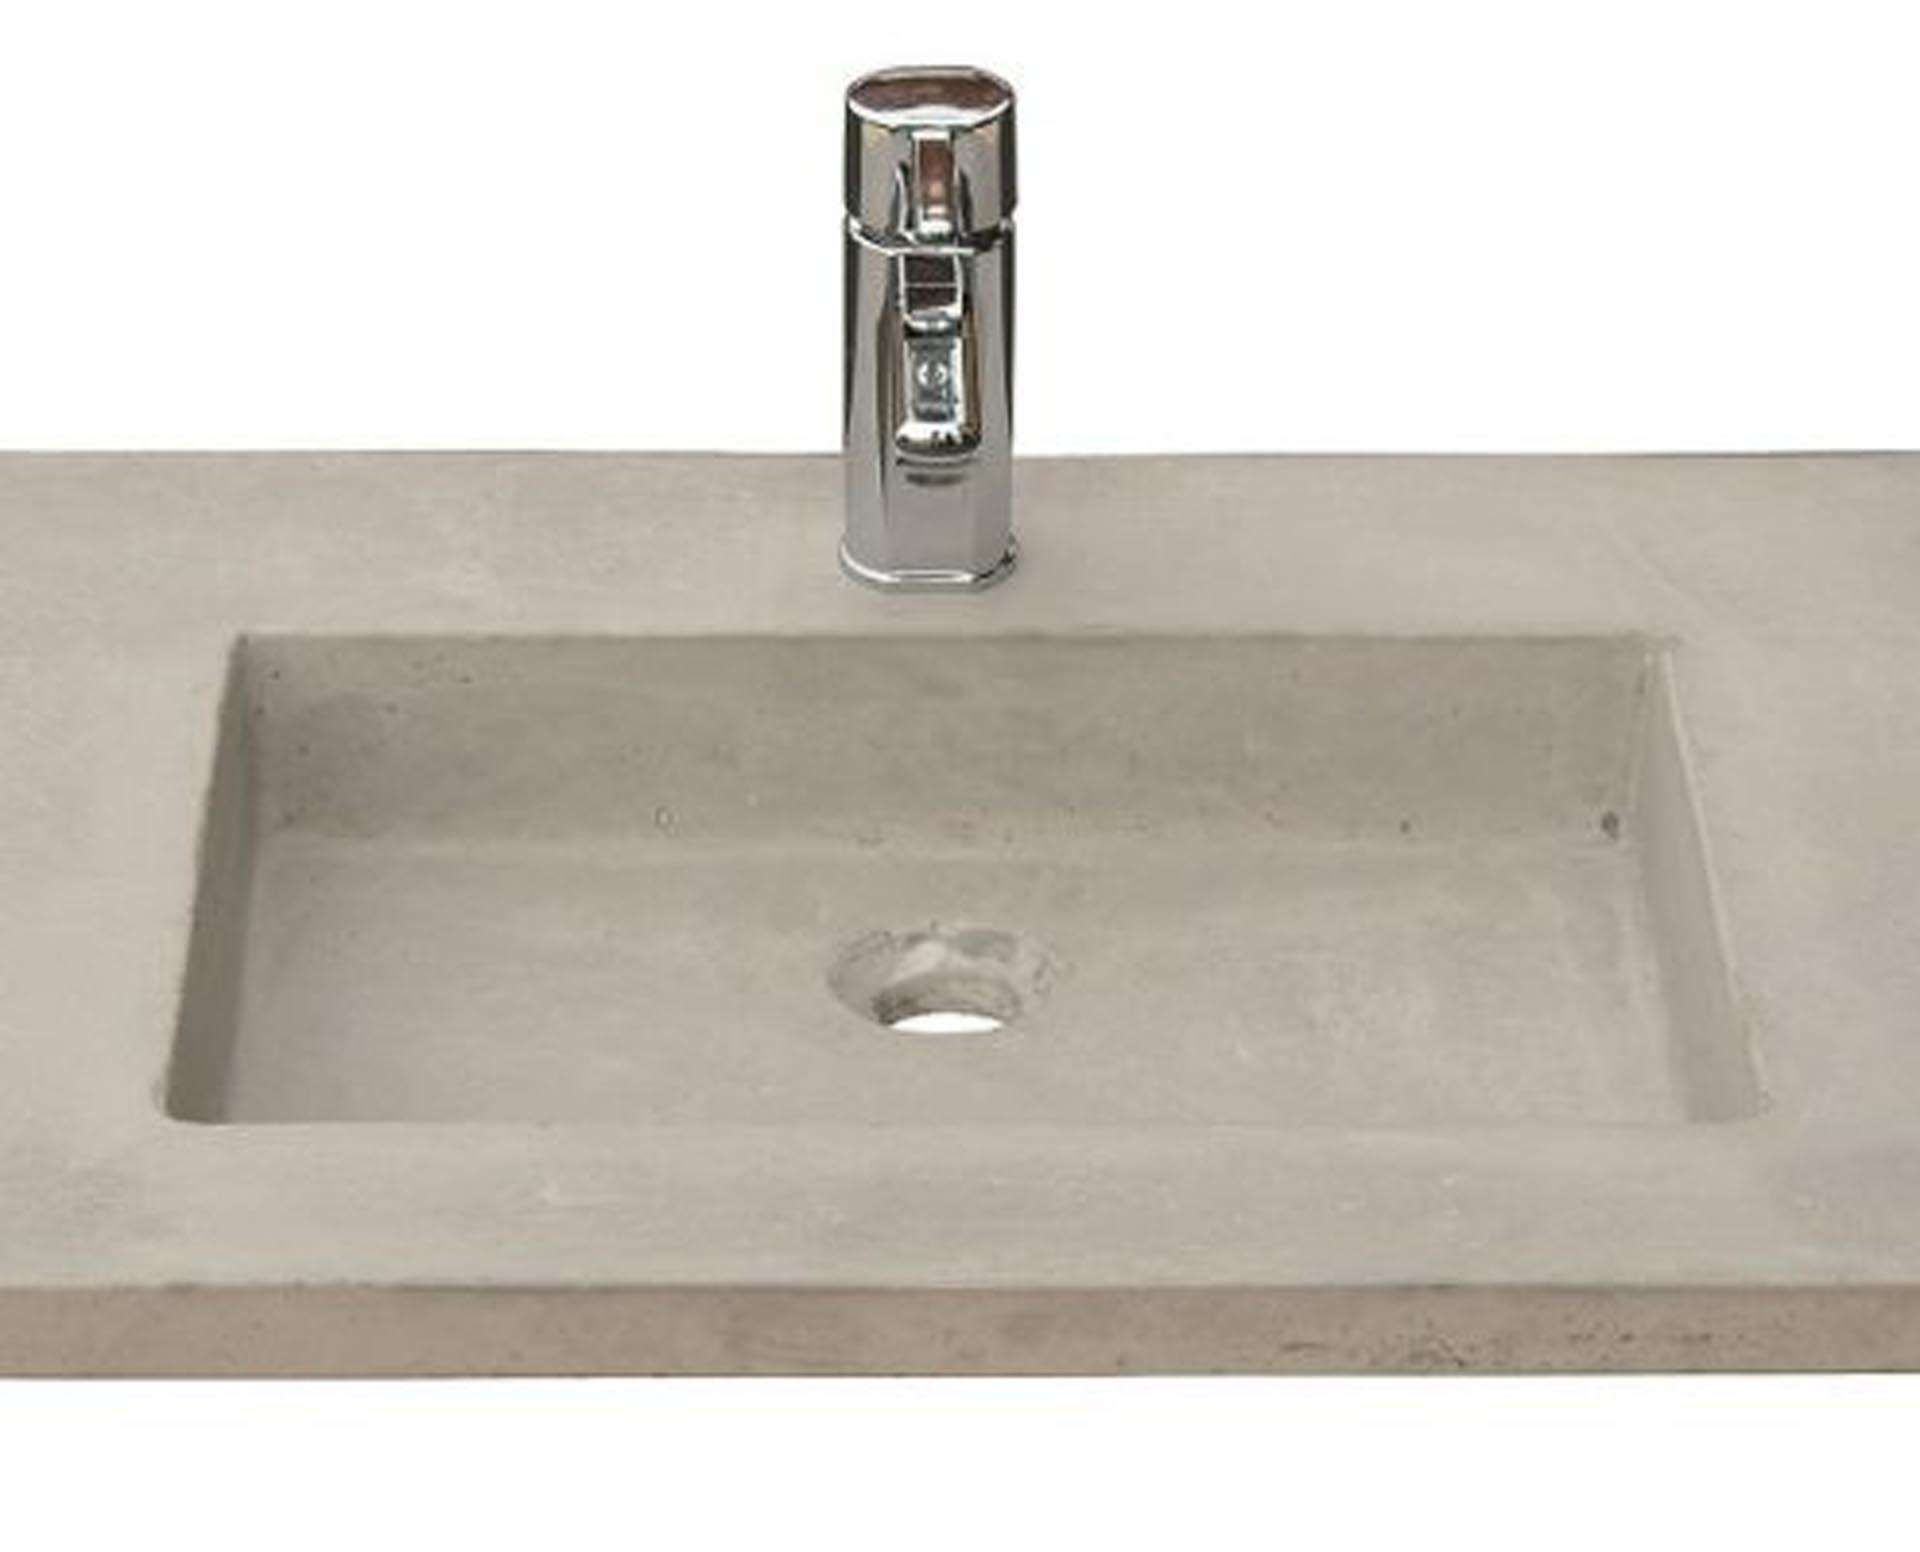 Lækker og simpel beton håndvask, med pæne afrundinger. Farven er i grå - en fantastik flot, moderne og naturlig betonfarve, der passer ind i ethvert badeværelse. Beton tåler ikke stærke rengøringsmidler, eller syreholdige produkter, vi anbefaler derfor at vasken rengøres i pH neutralt rengøringsmiddel. Vasken har målene: 83,2 x 54,5 x 3 cm. Materialet er normal beton som er blevet støbt i en form og bagefter vibreret for at få luftlommer ud af råmaterialet. Vasken kan bruges som fritstående vask - da vasken er flad i bunden er den velegnet til at placere direkte på en bordplade. Vasken er hensynsmæssigt designet med fine rundinger, som både giver vasken et eksklusivt udtryk og gør den rengøringsvenlig. Vasken vedligeholdes med voks - vi anbefaler en behandling med vores egen naturvoks ID12002 et par gange om året for at opnå optimalt look.